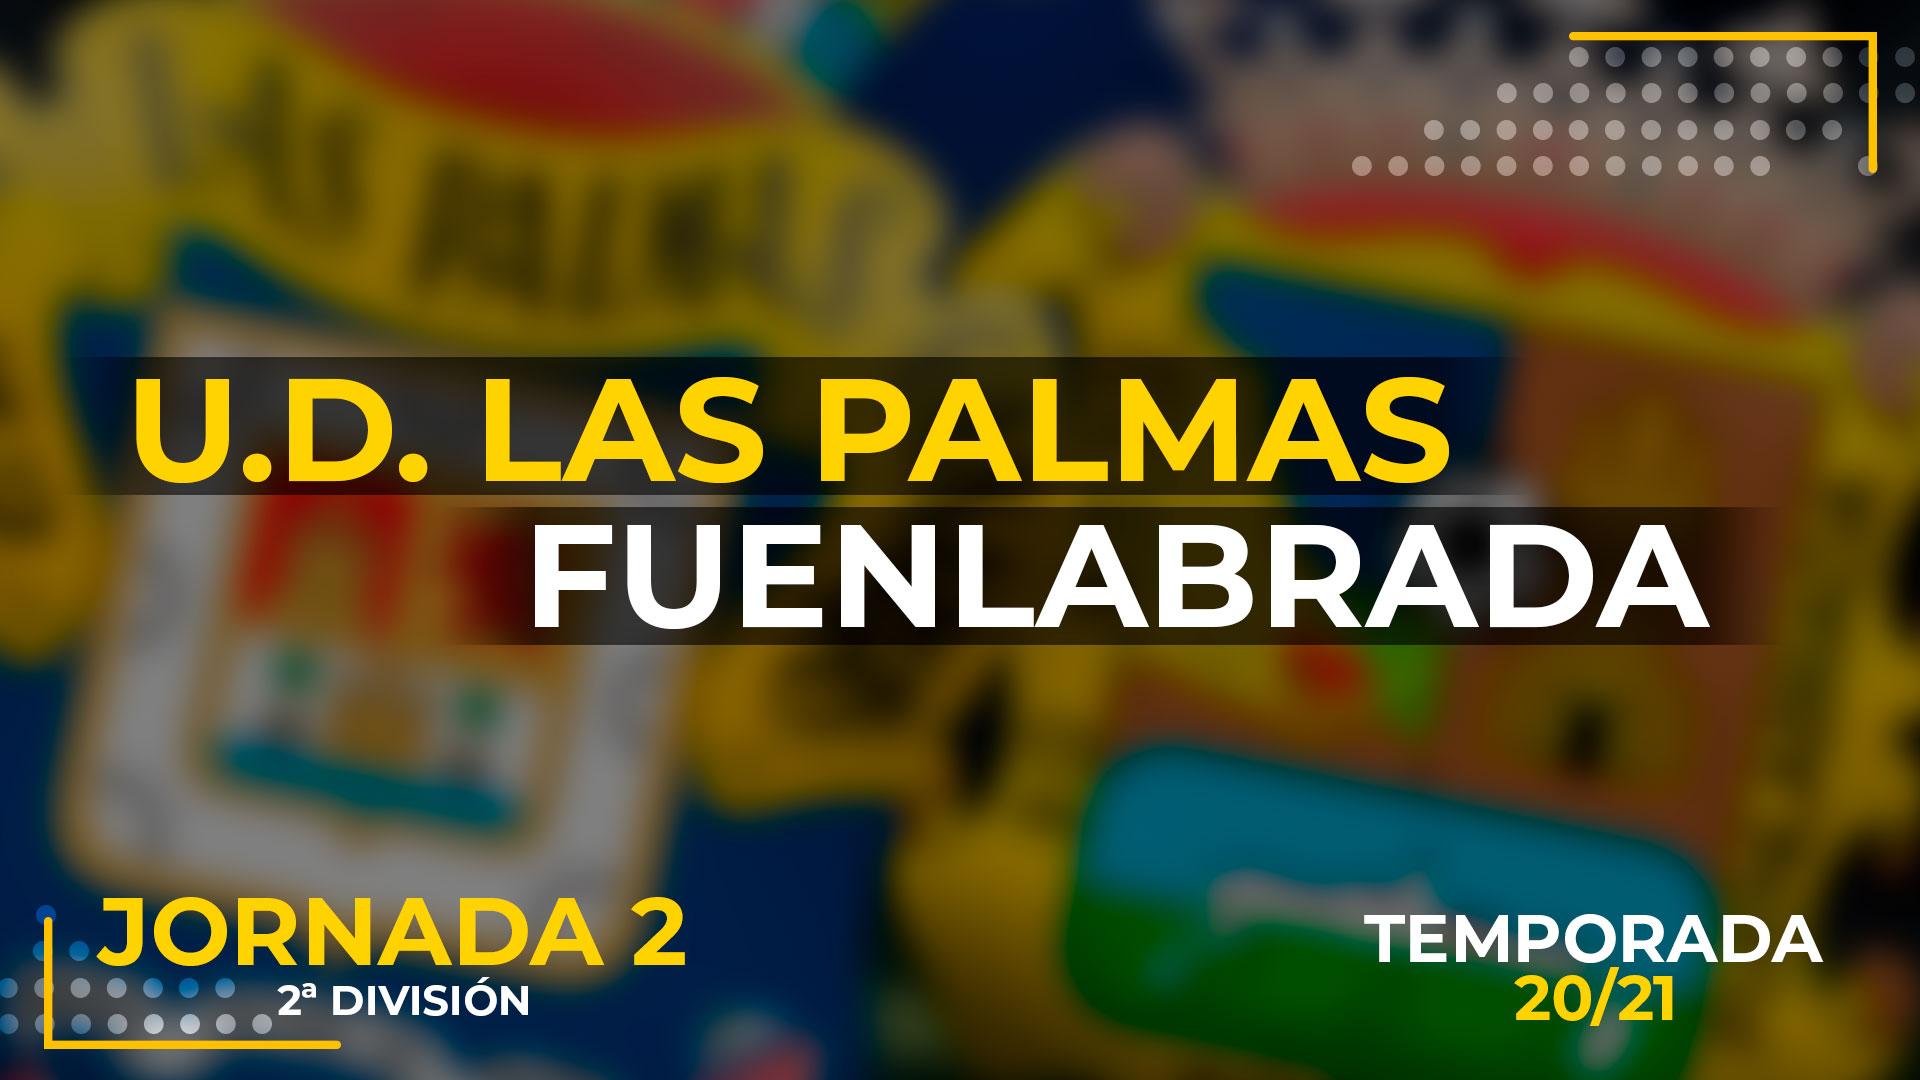 UD Las Palmas vs Fuenlabrada